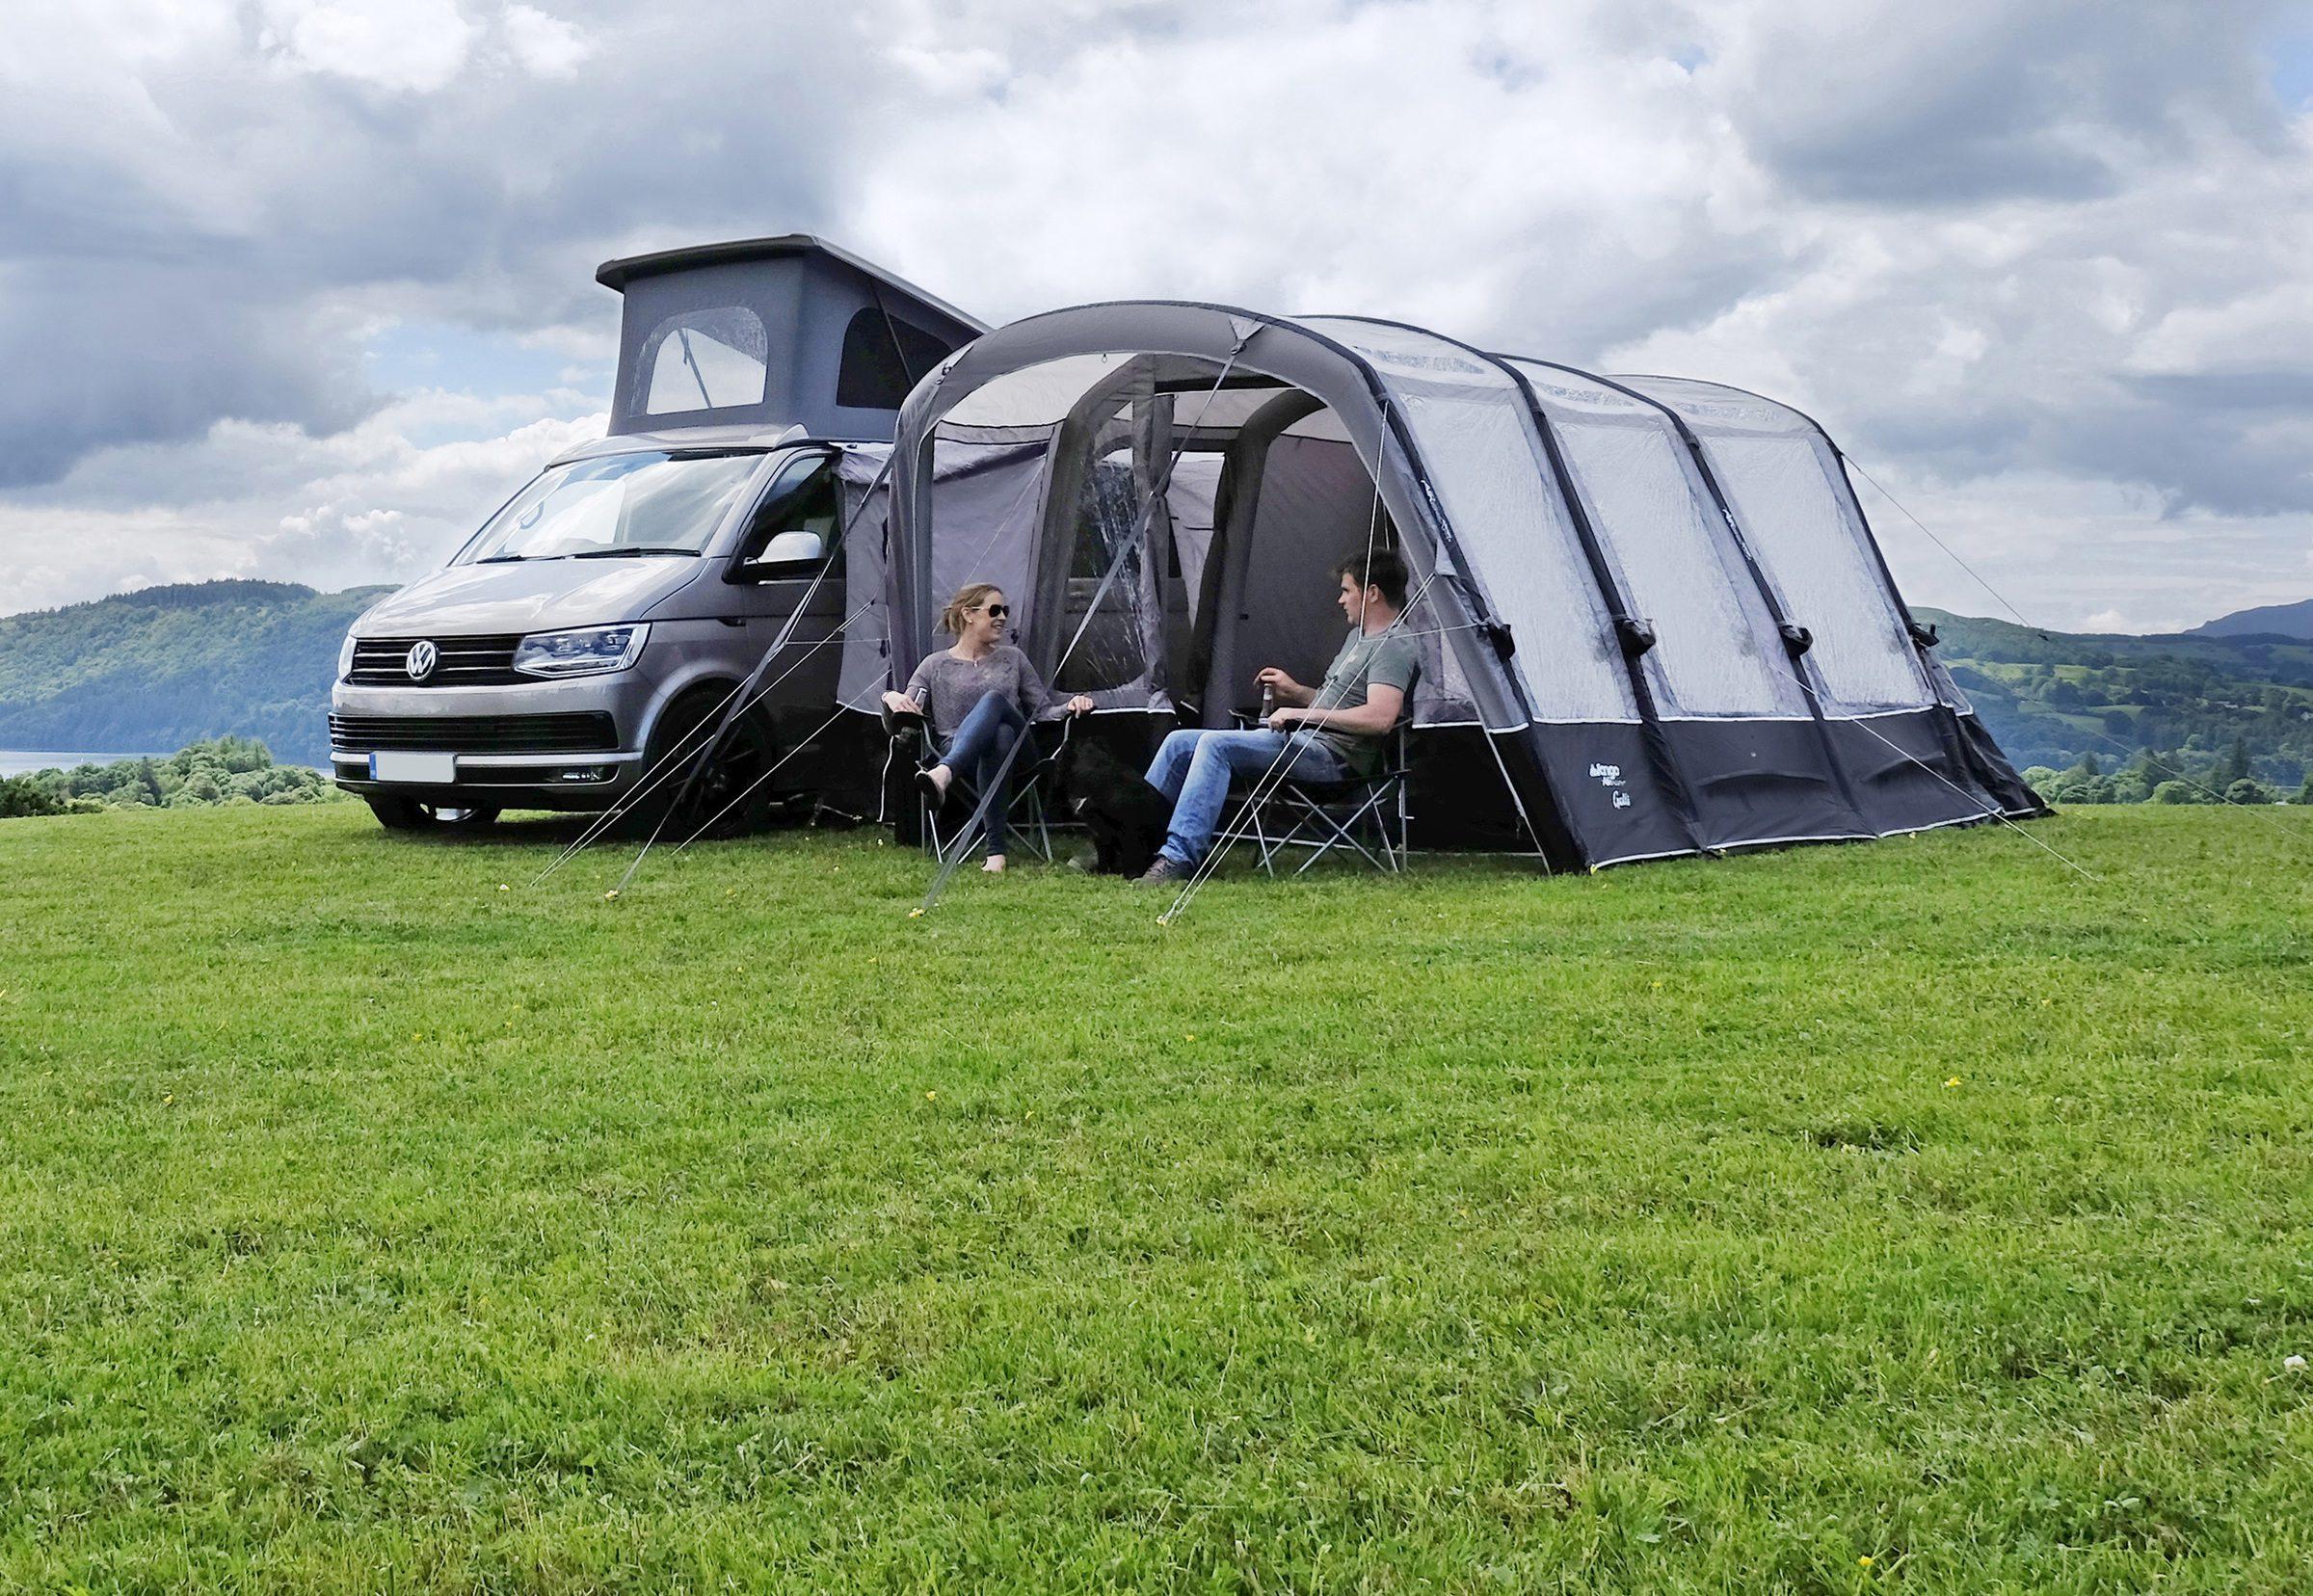 Vango Galli Ii Compact Inflatable Driveaway Campervan